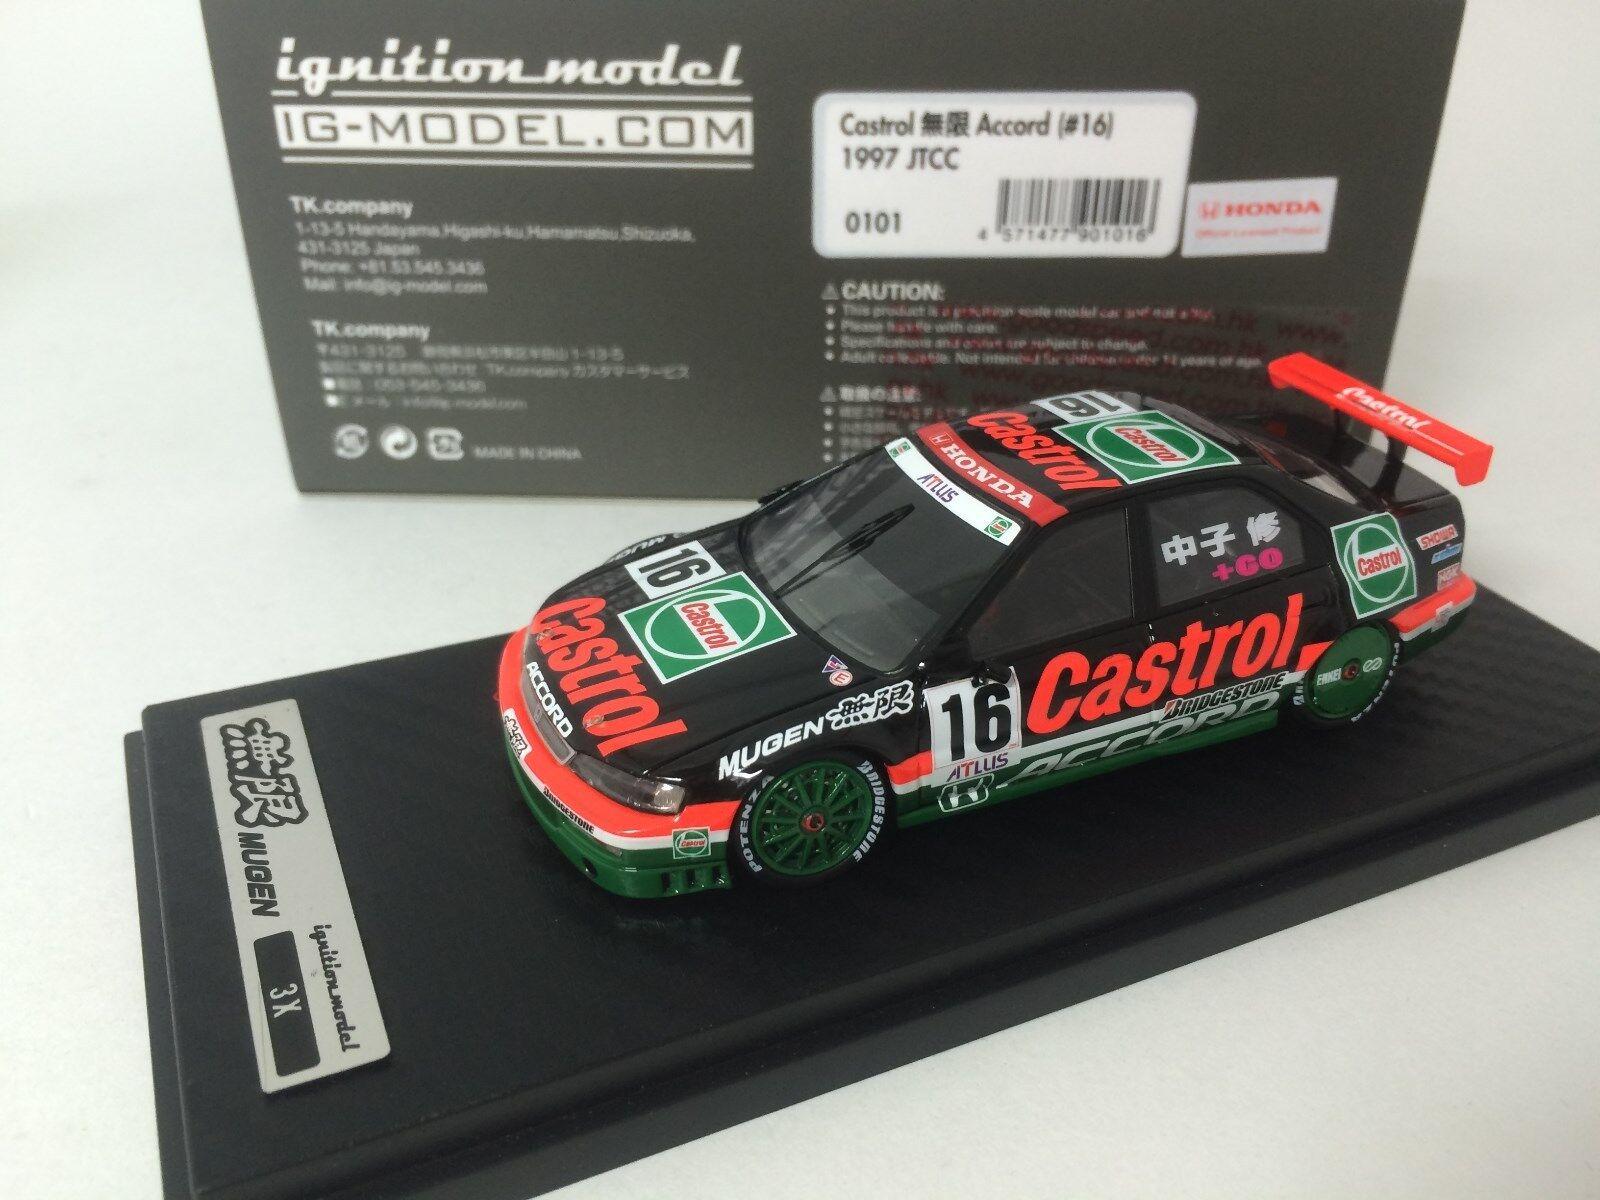 100% autentico 1 43 HPI IG modello Honda Honda Honda Castrol MUGEN Accord  16 1997 JTCC 0101  miglior prezzo migliore